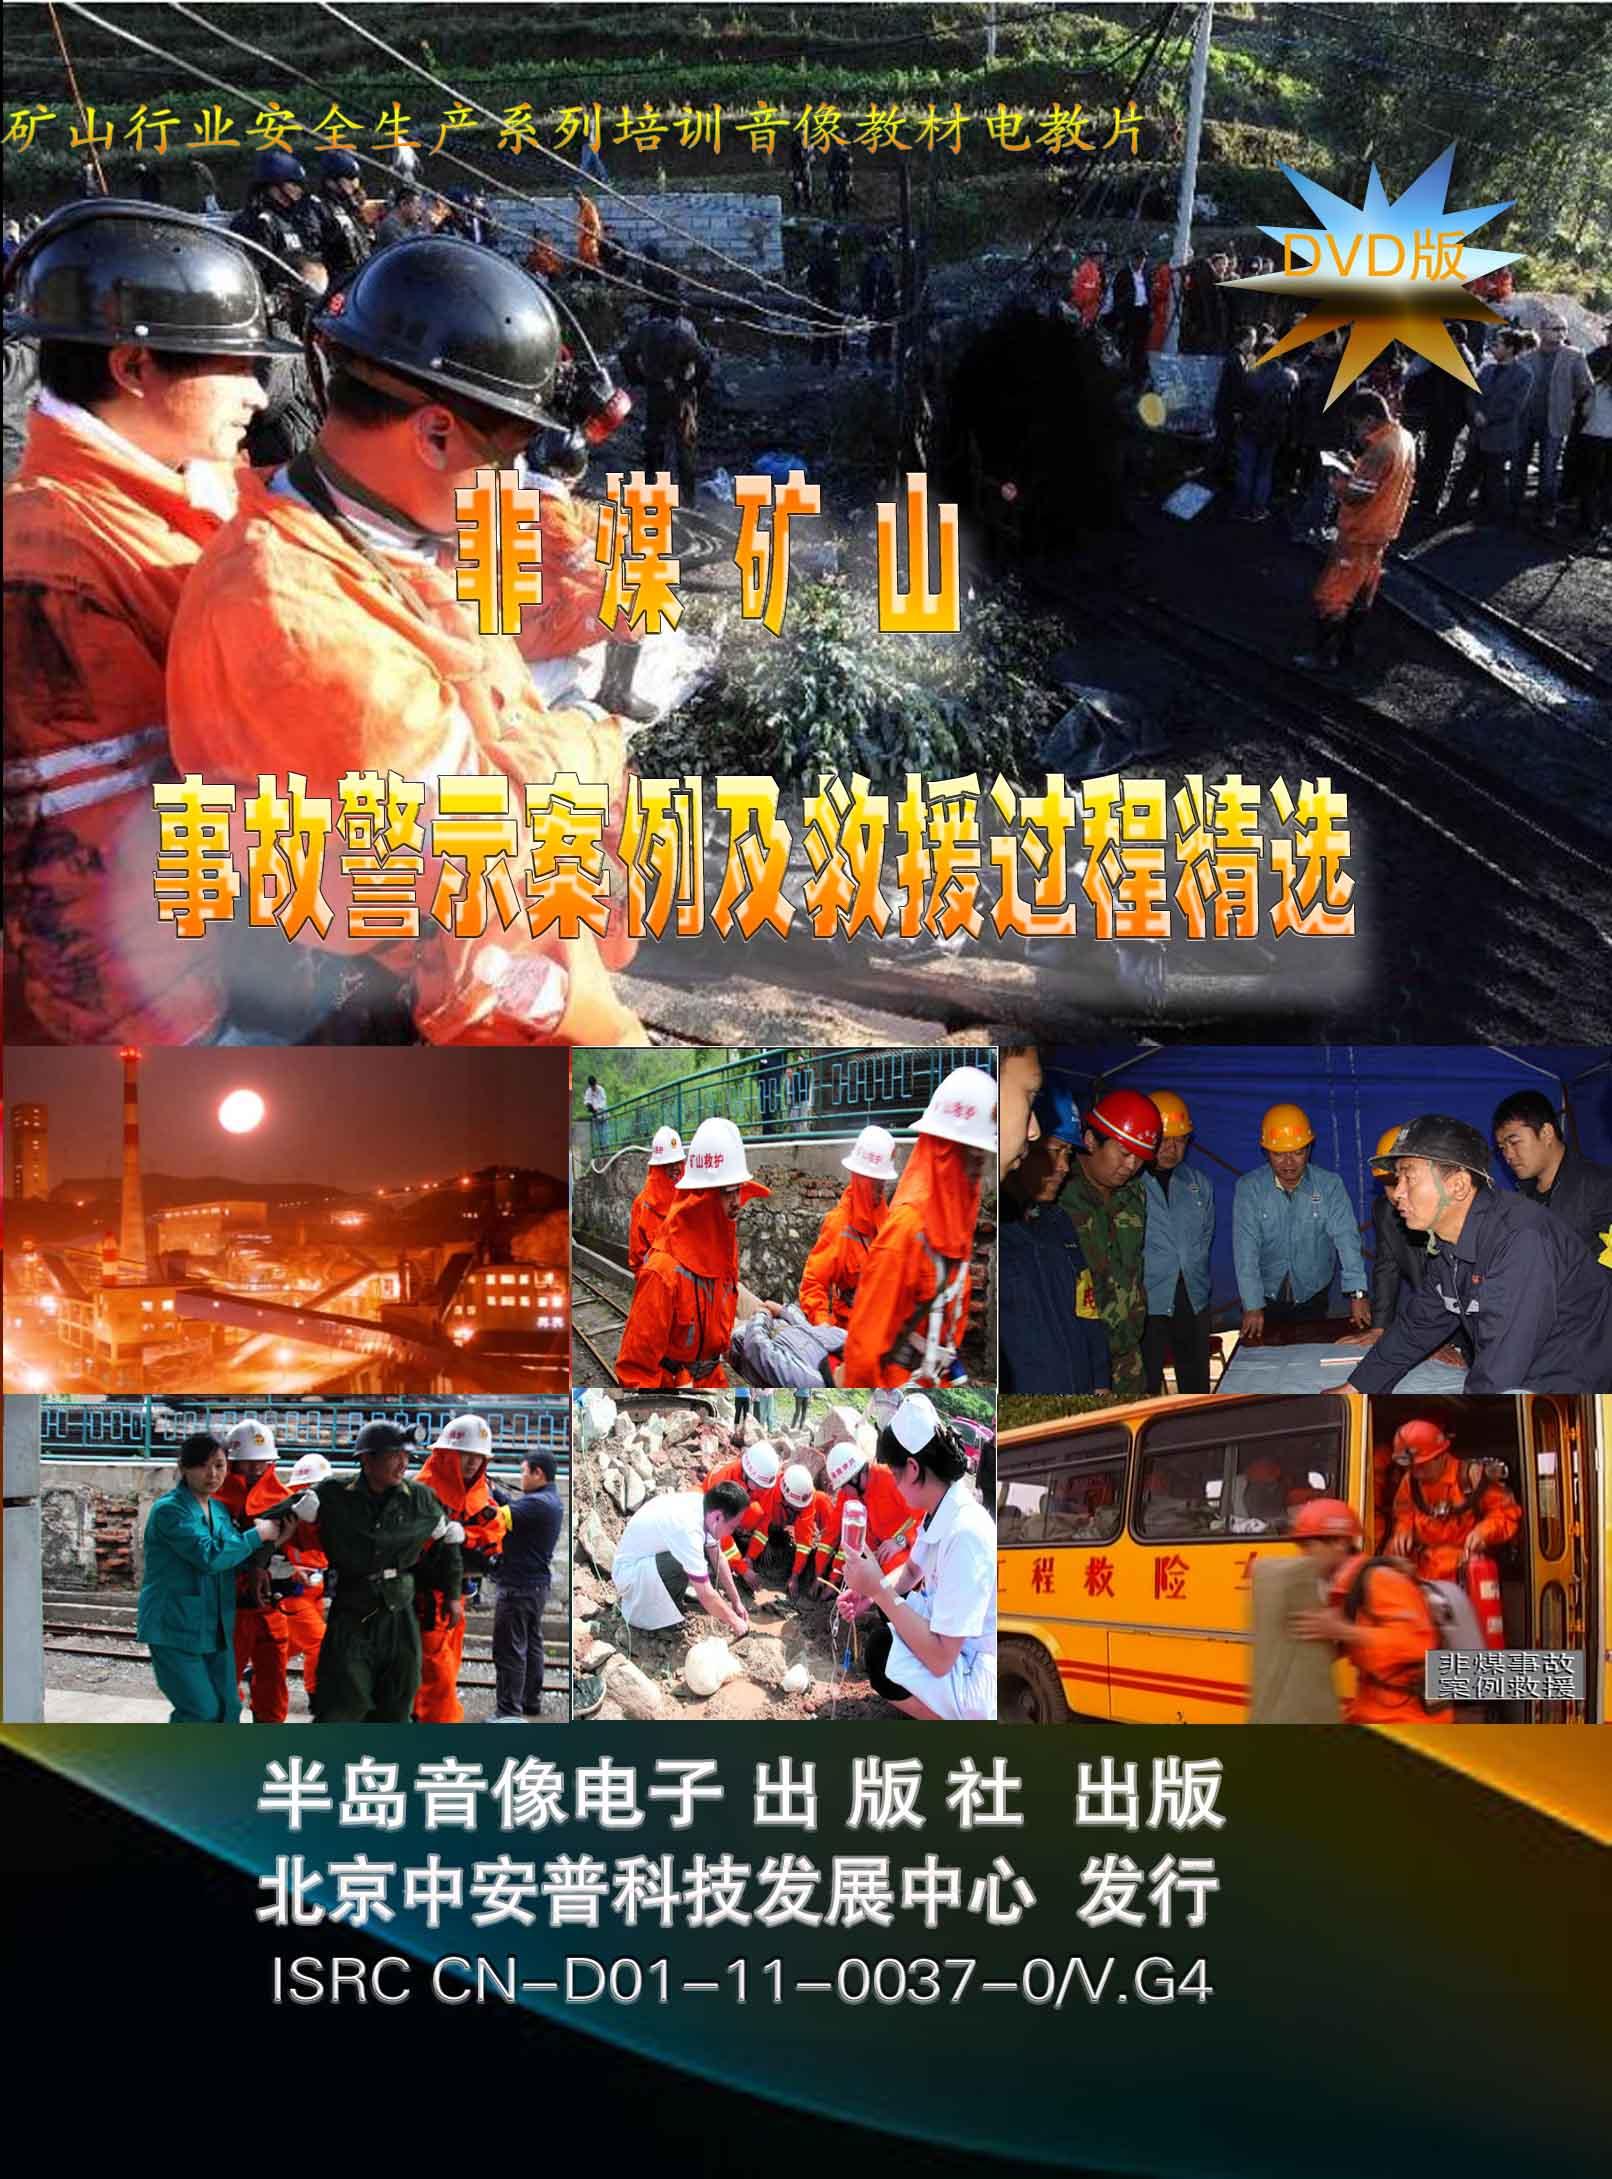 非煤矿山事故警示案例及救援过程精选